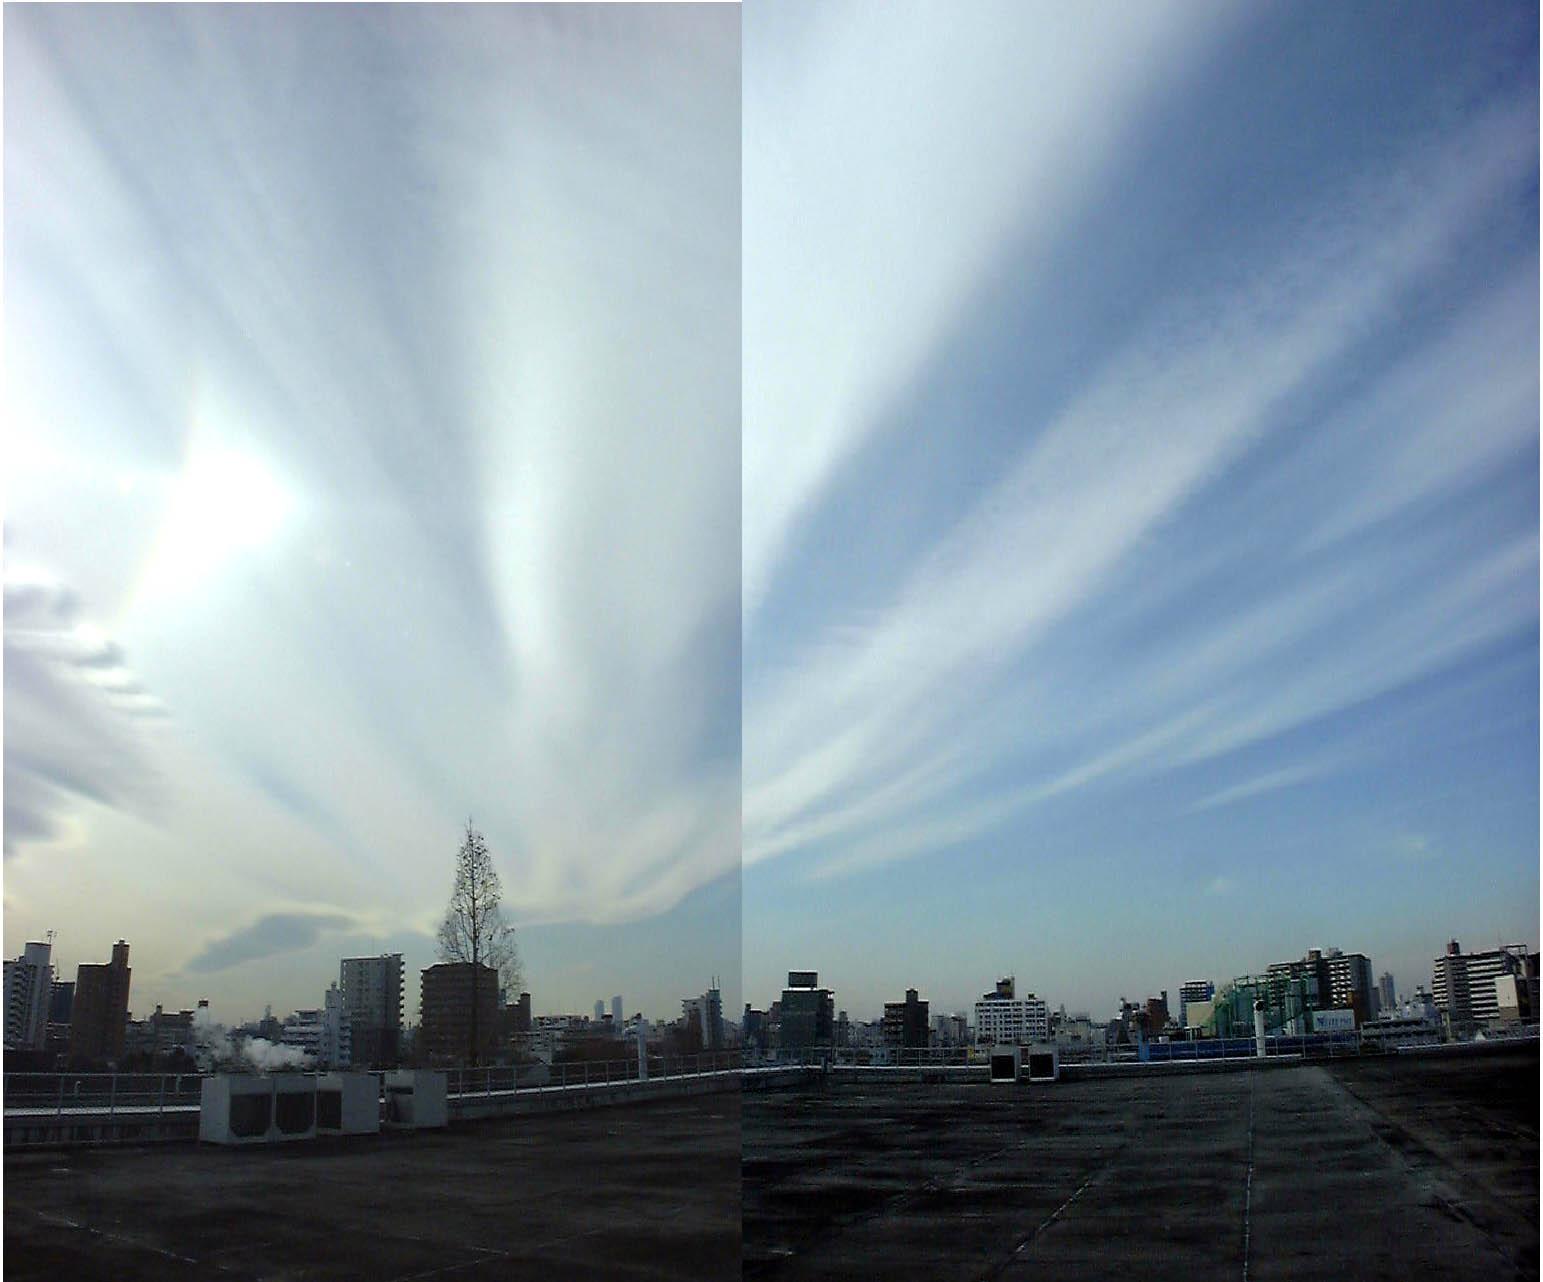 地震雲と地震予測 : 地震を事前に予知! 地震雲の種類 - NAVER まとめ